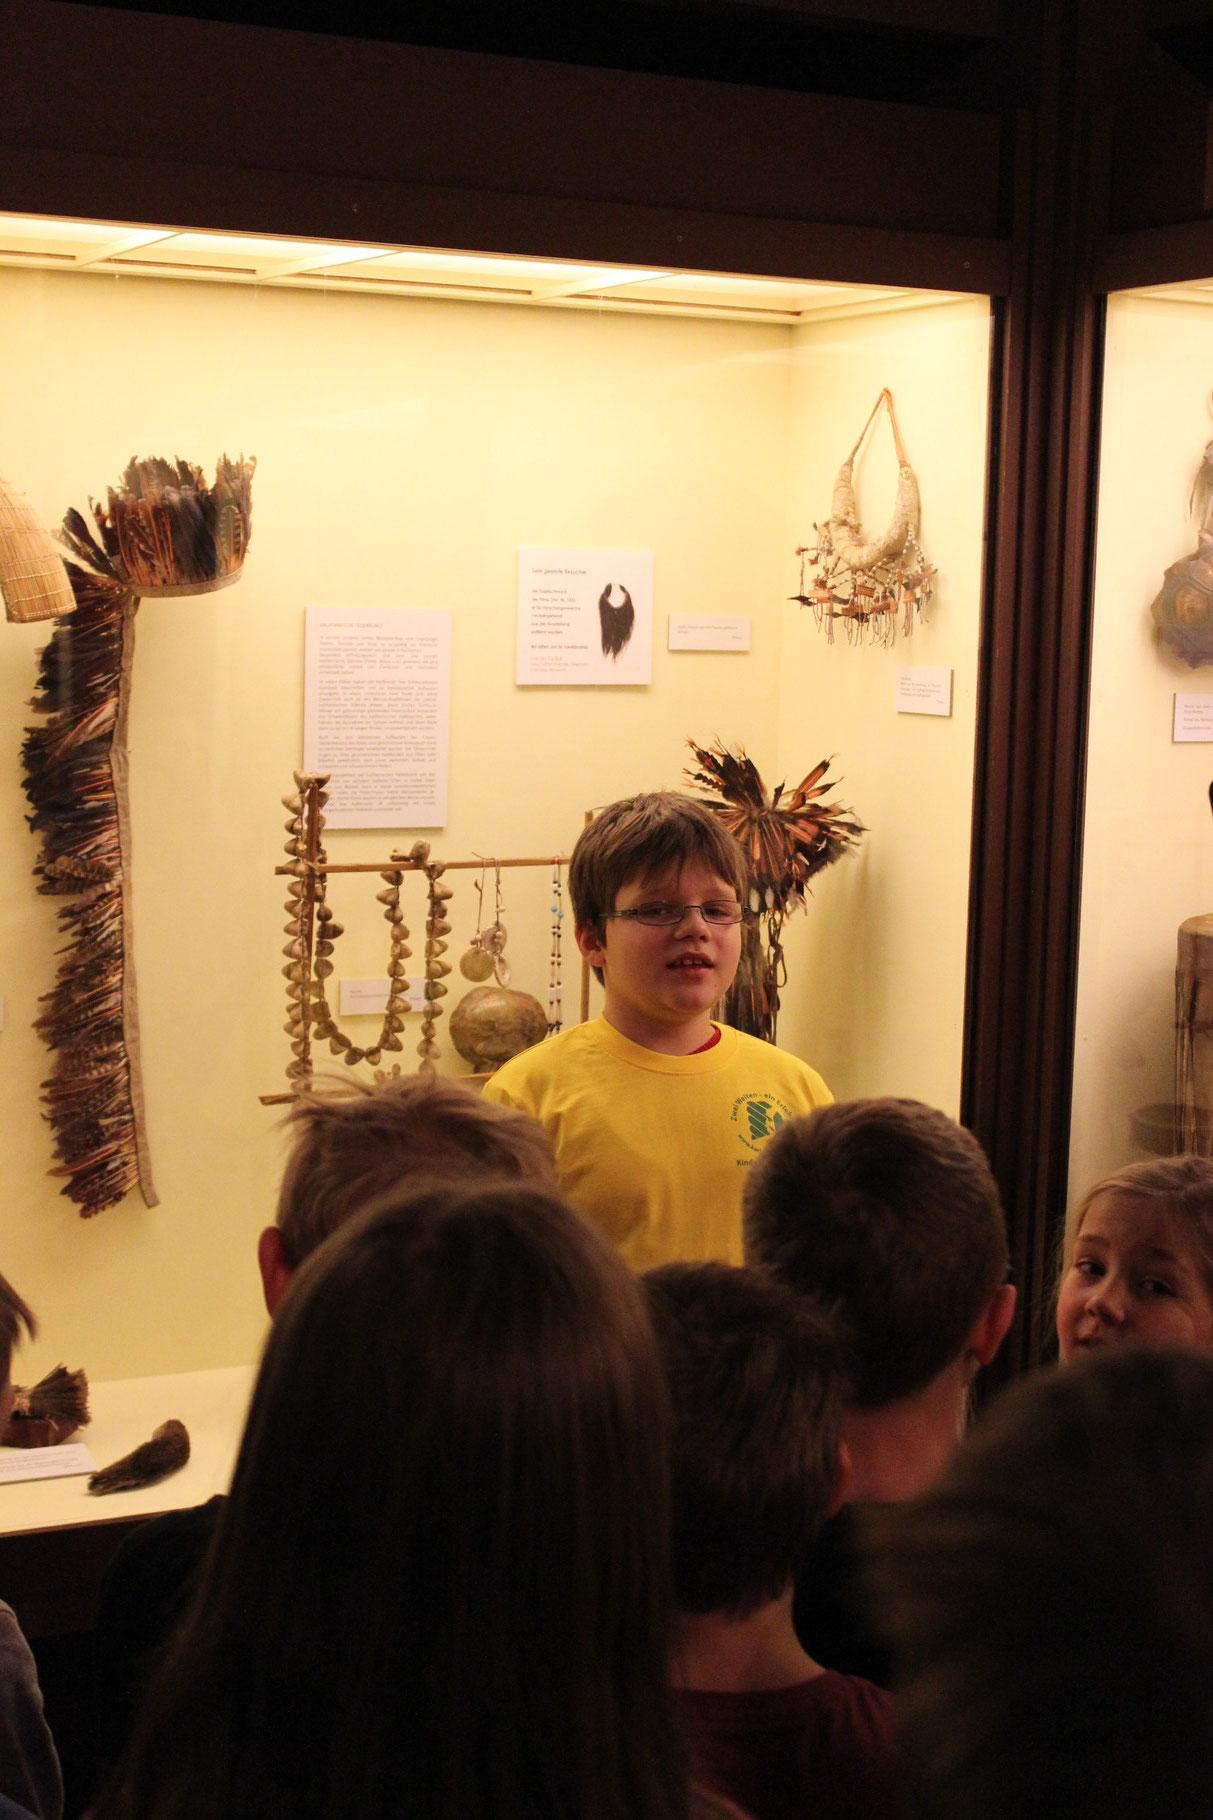 Lukas erklärt, worin die Indianer leben - in Tippis, Lehmhütten und Holzhäusern